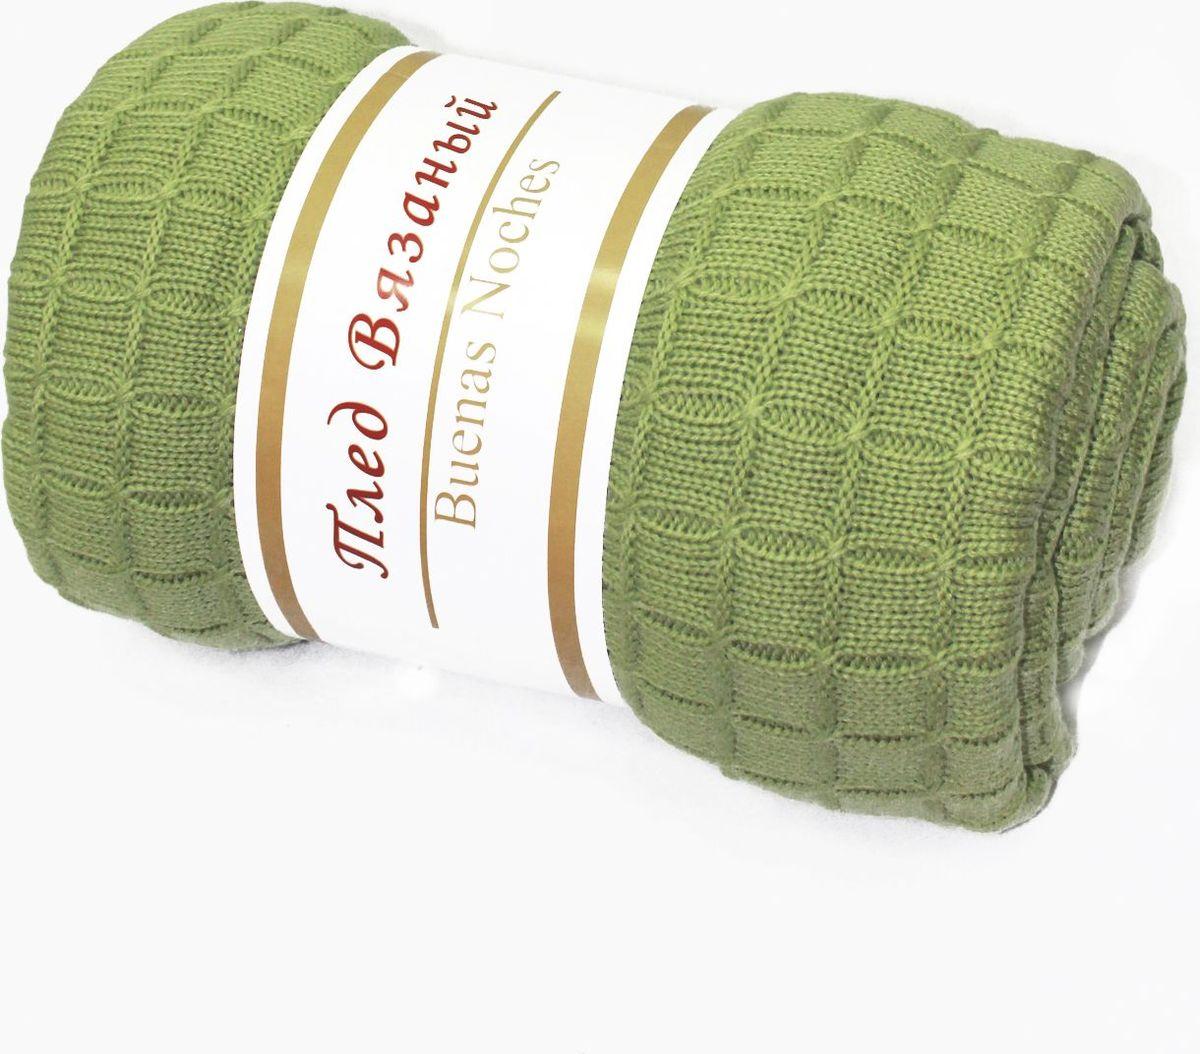 Вязаные пледы Amore Mia - отличный подарок себе и близким. Легкие, можно взять в дорогу, либо укрыть малыша. Оригинальная вязка, классические цвета.